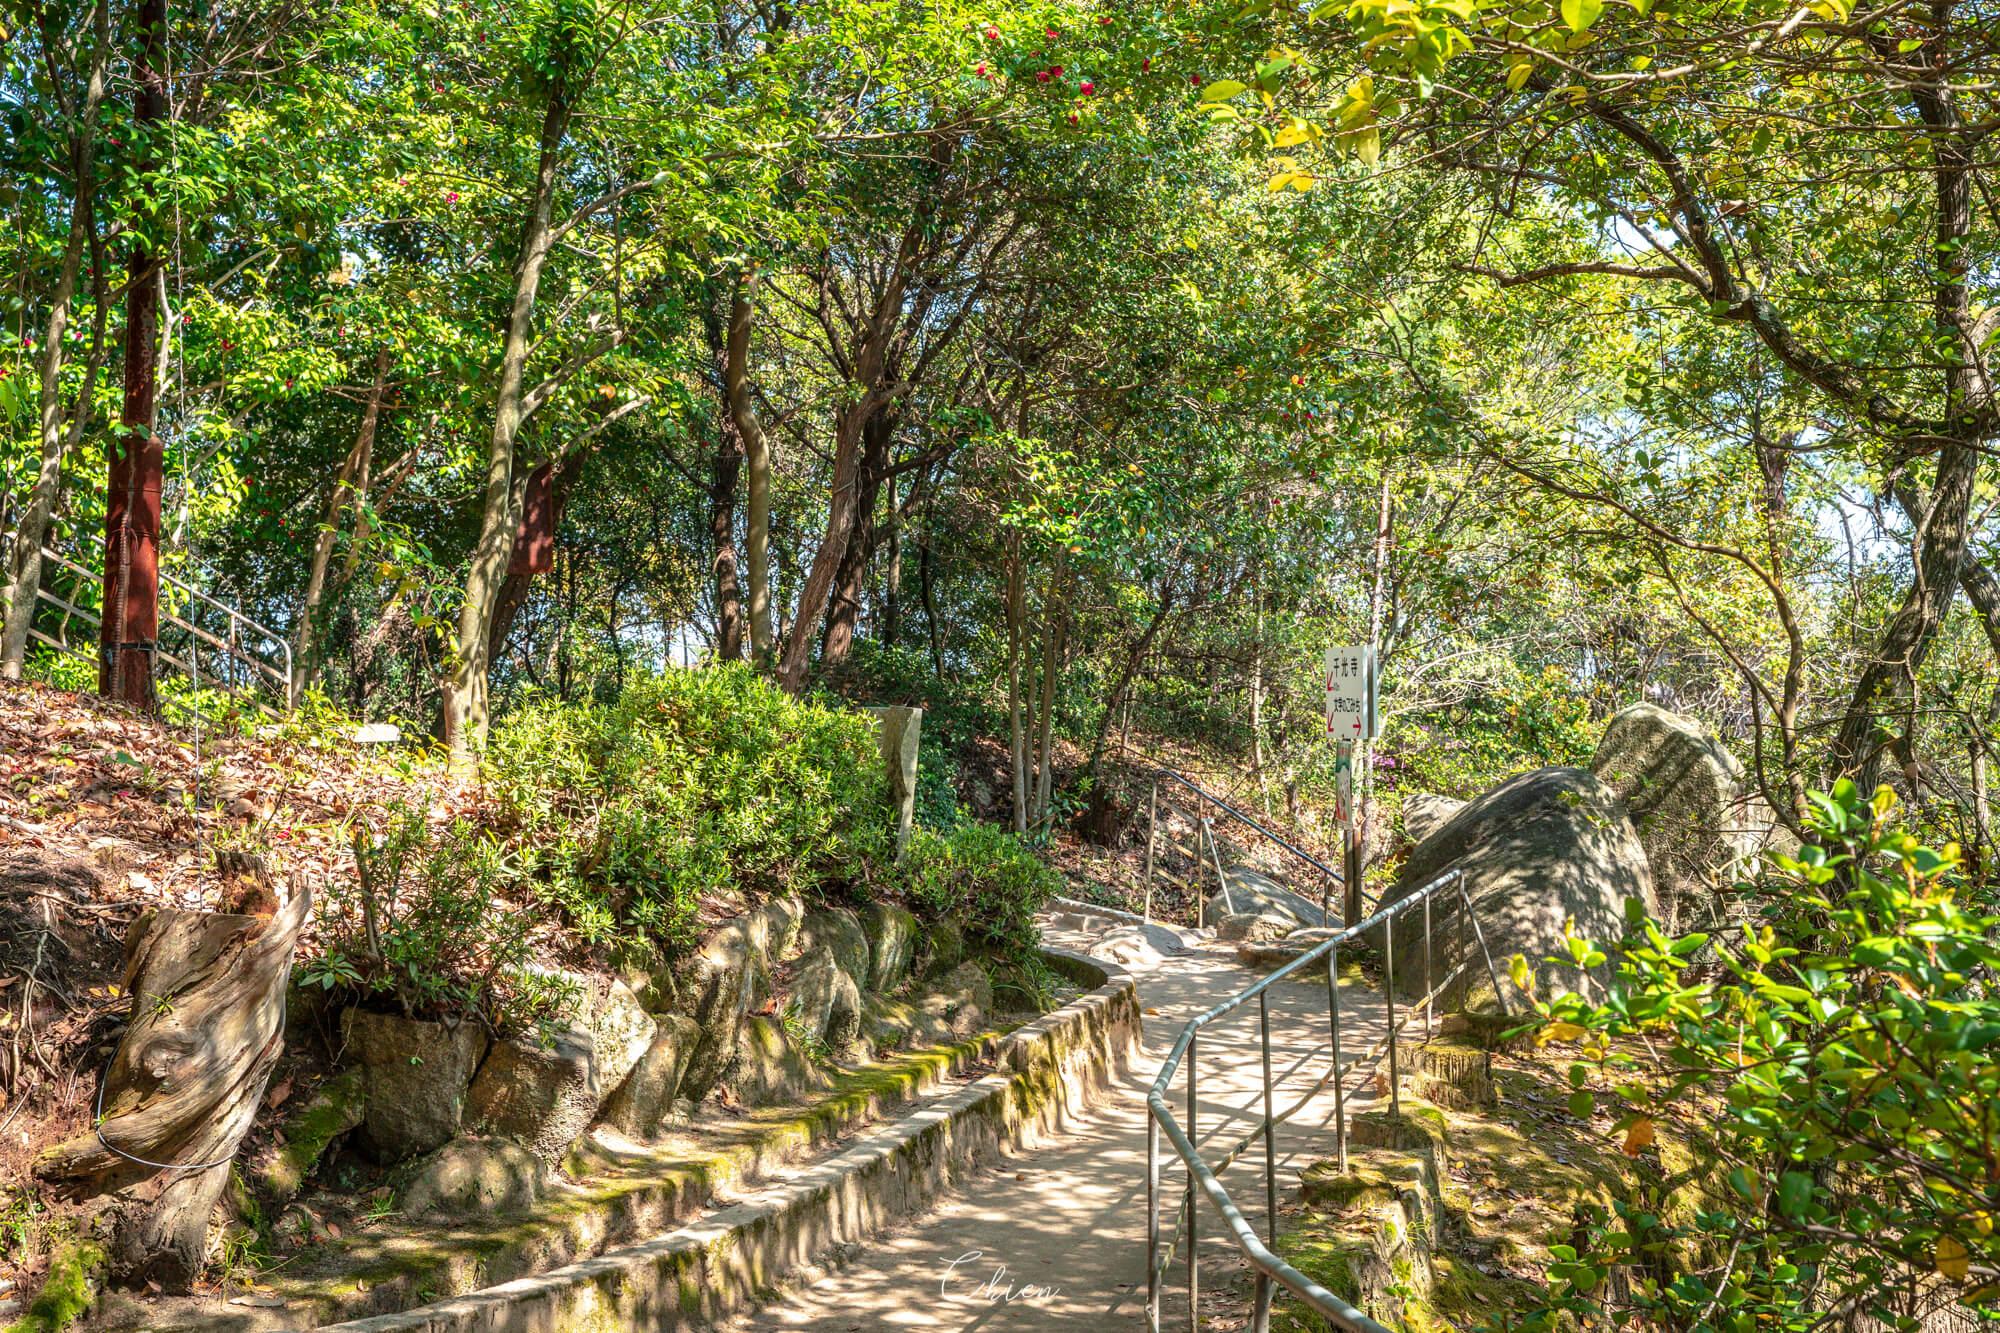 廣島尾道景點散策 瀨戶內海 文學之道廣島尾道景點散策 瀨戶內海 文學之道